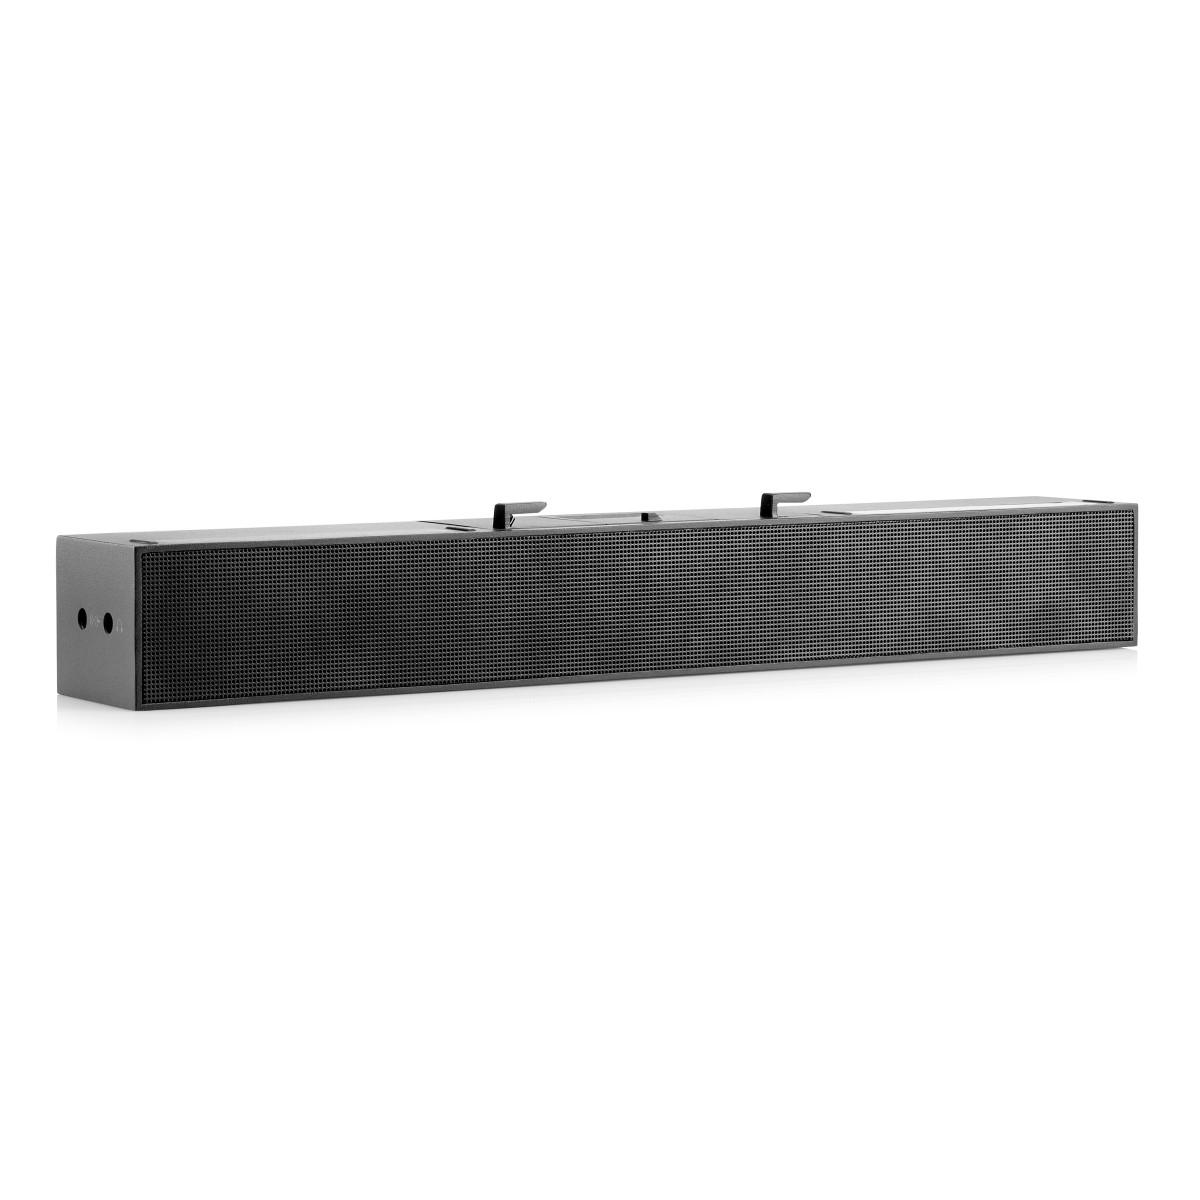 HP S101 Speaker Bar